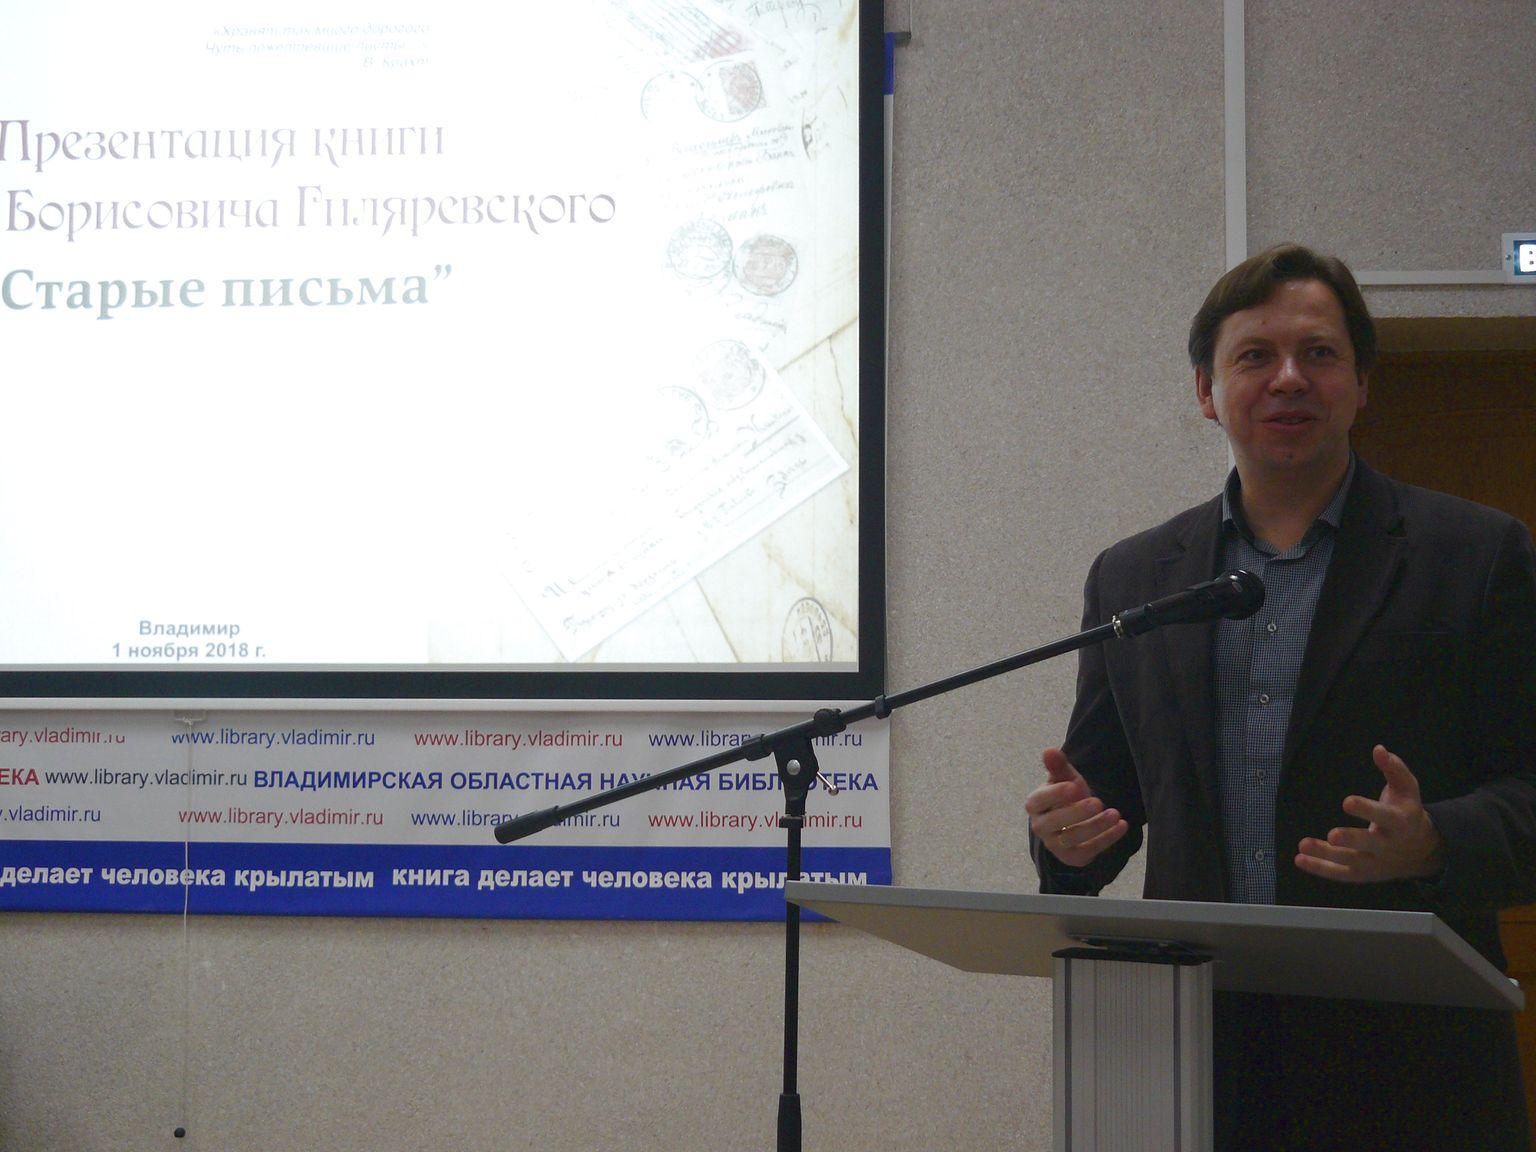 Олег Гуреев